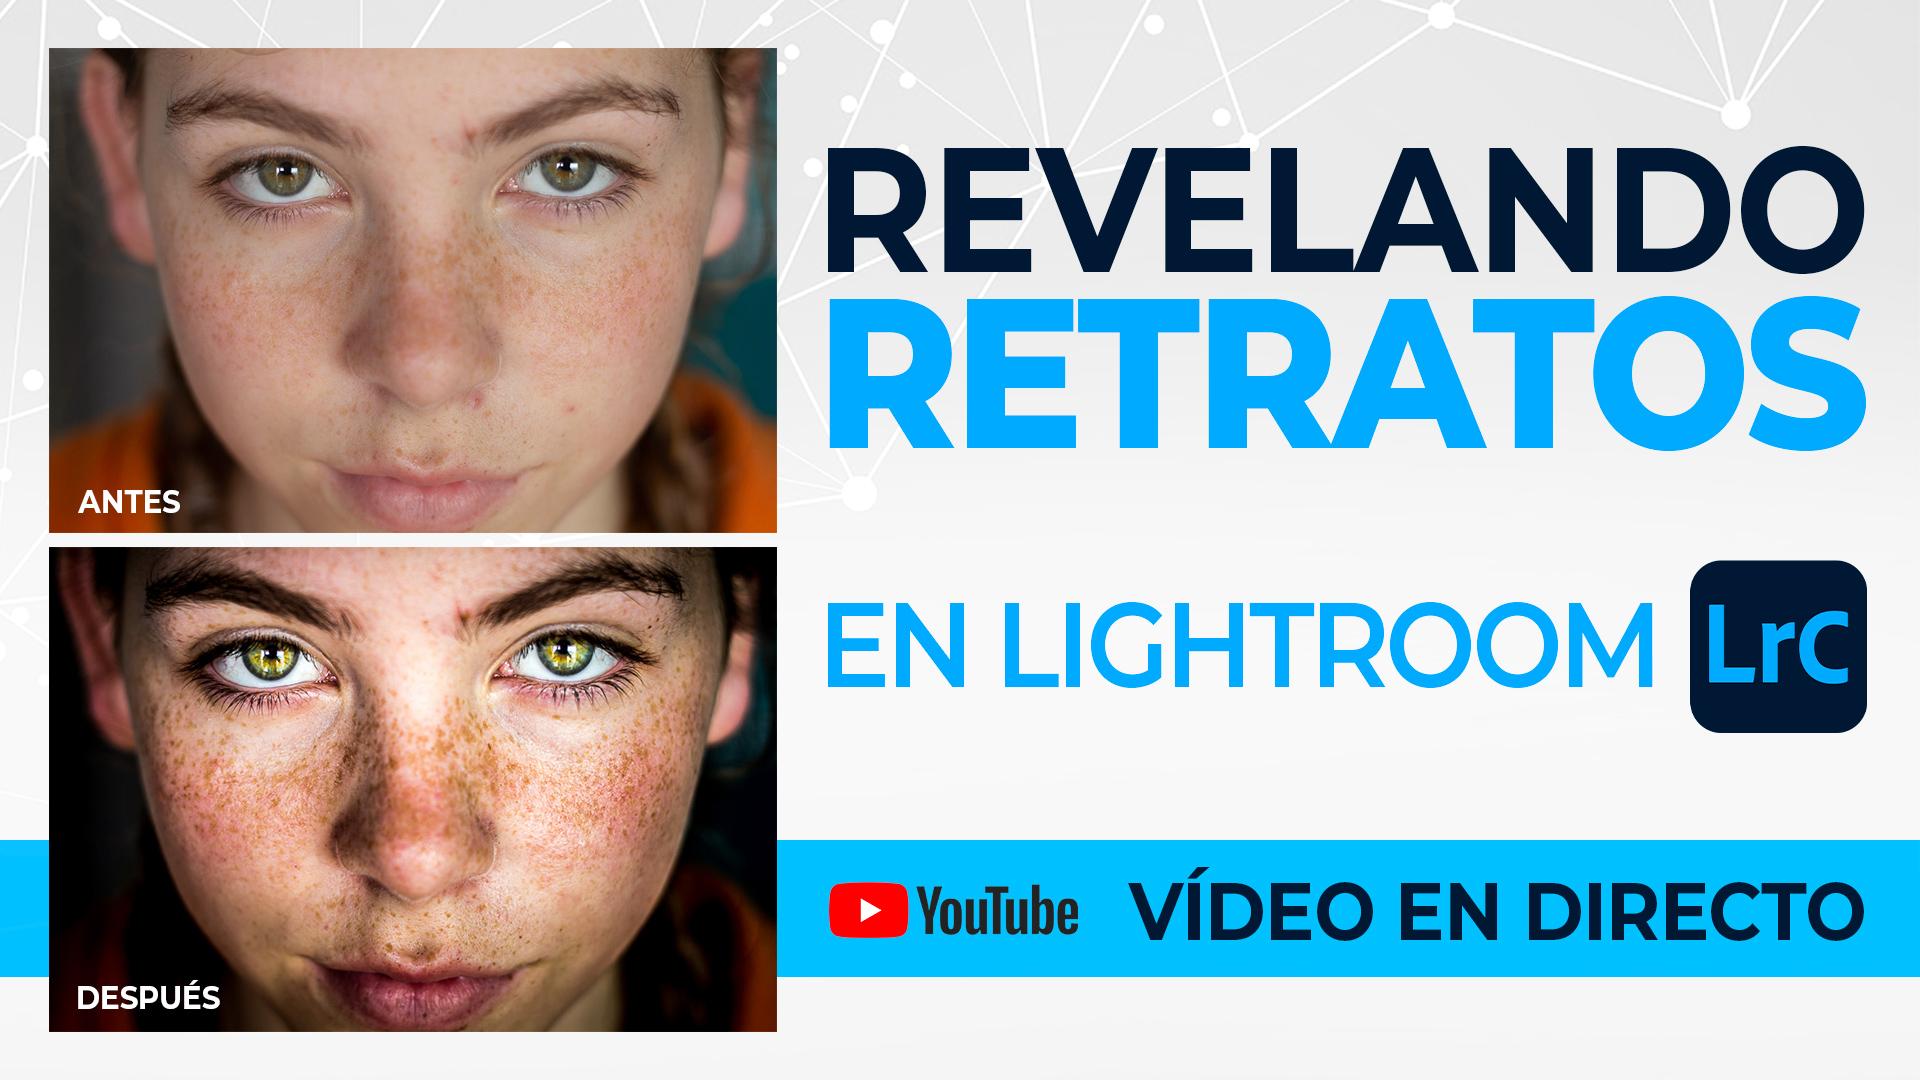 Revelado de retratos en Lightroom